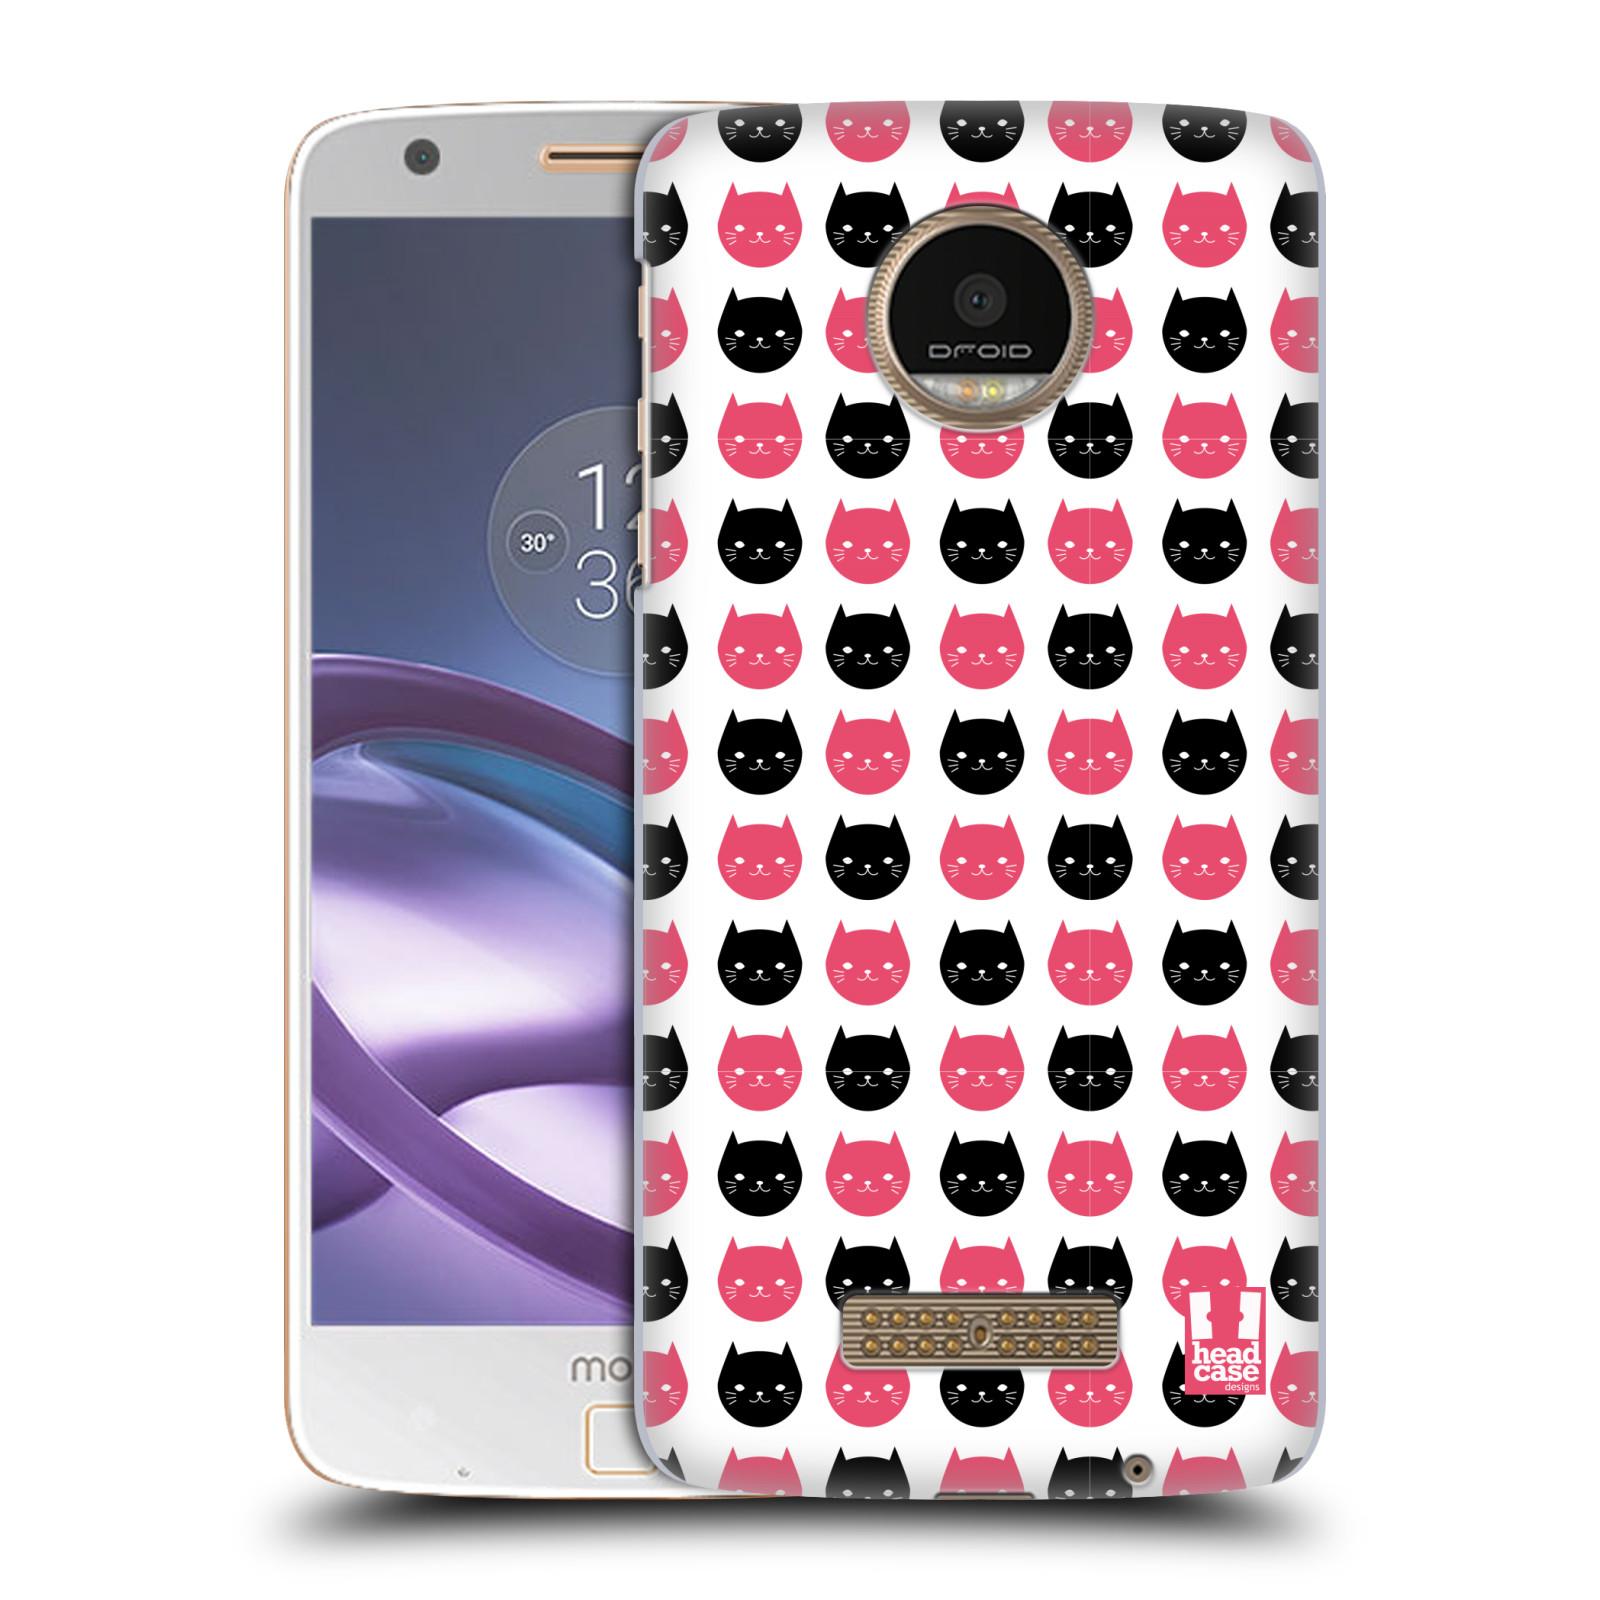 Plastové pouzdro na mobil Lenovo Moto Z HEAD CASE KOČKY Black and Pink (Plastový kryt či obal na mobilní telefon Lenovo Moto Z)